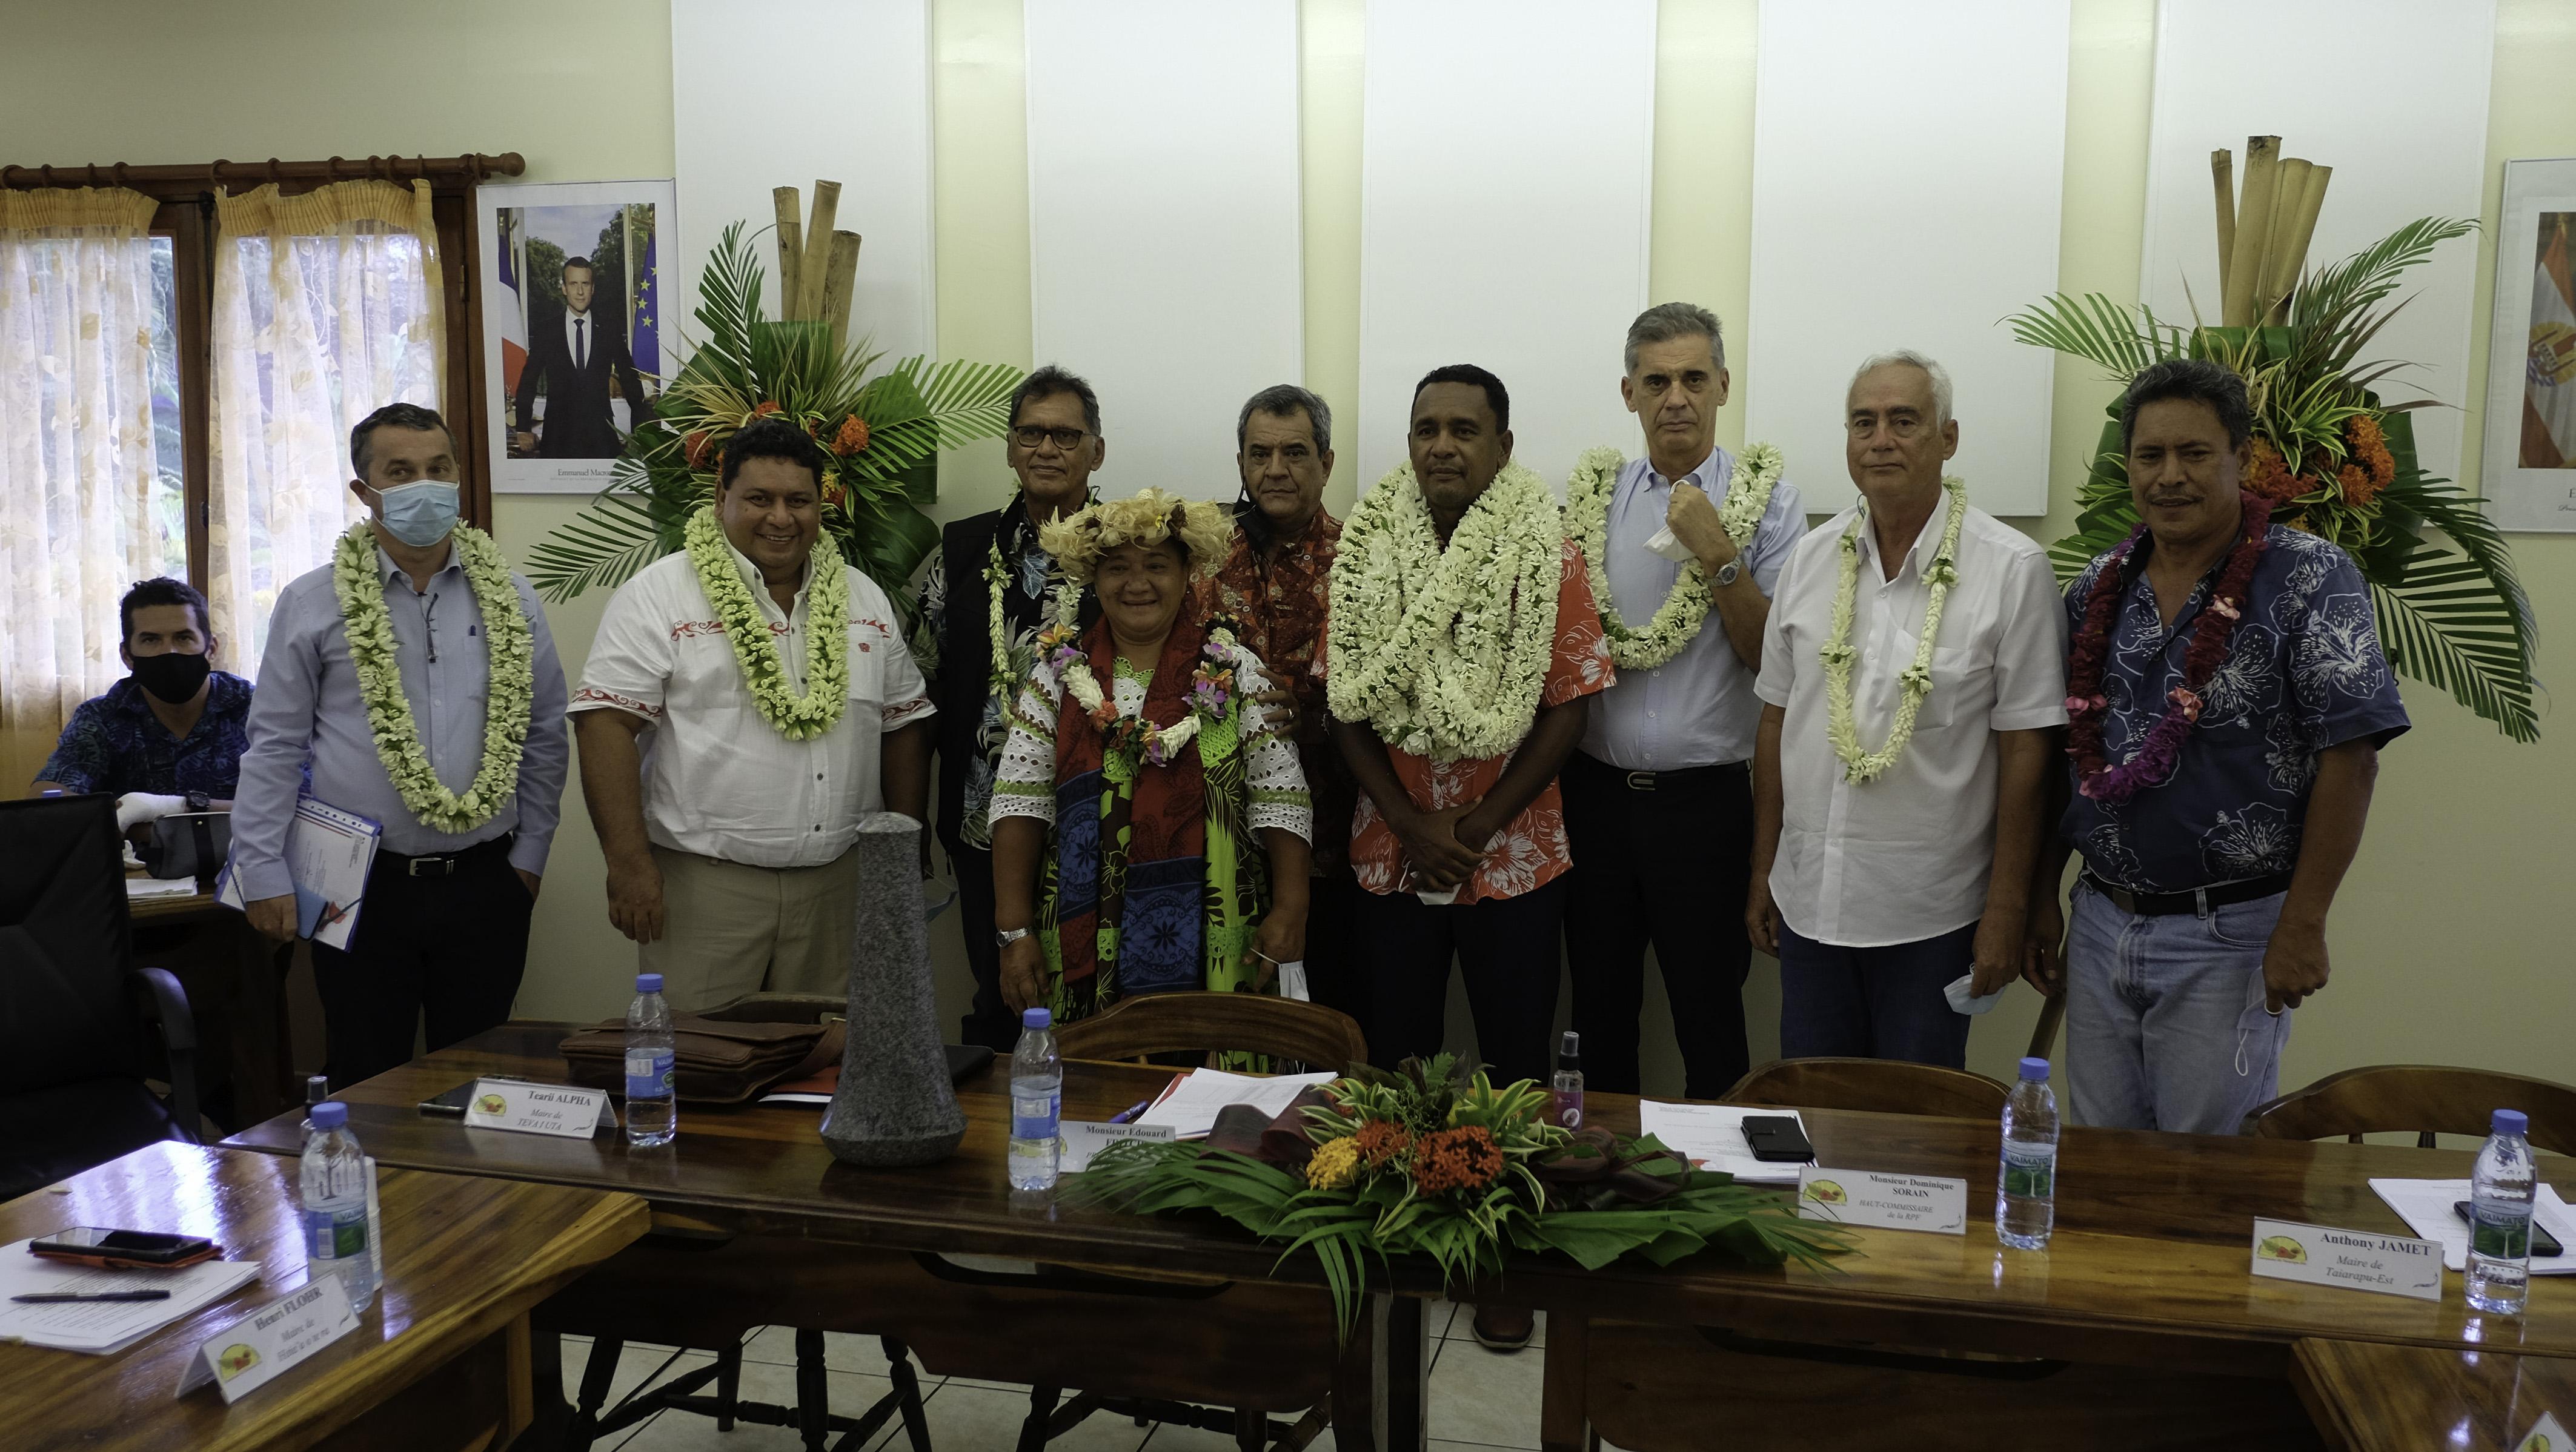 Tearii Alpha, vice-président du Pays mais également maire de Teva i Uta, était le seul  candidat à se présenter et a donc logiquement été élu à l'unanimité premier président de Terehēamanu.